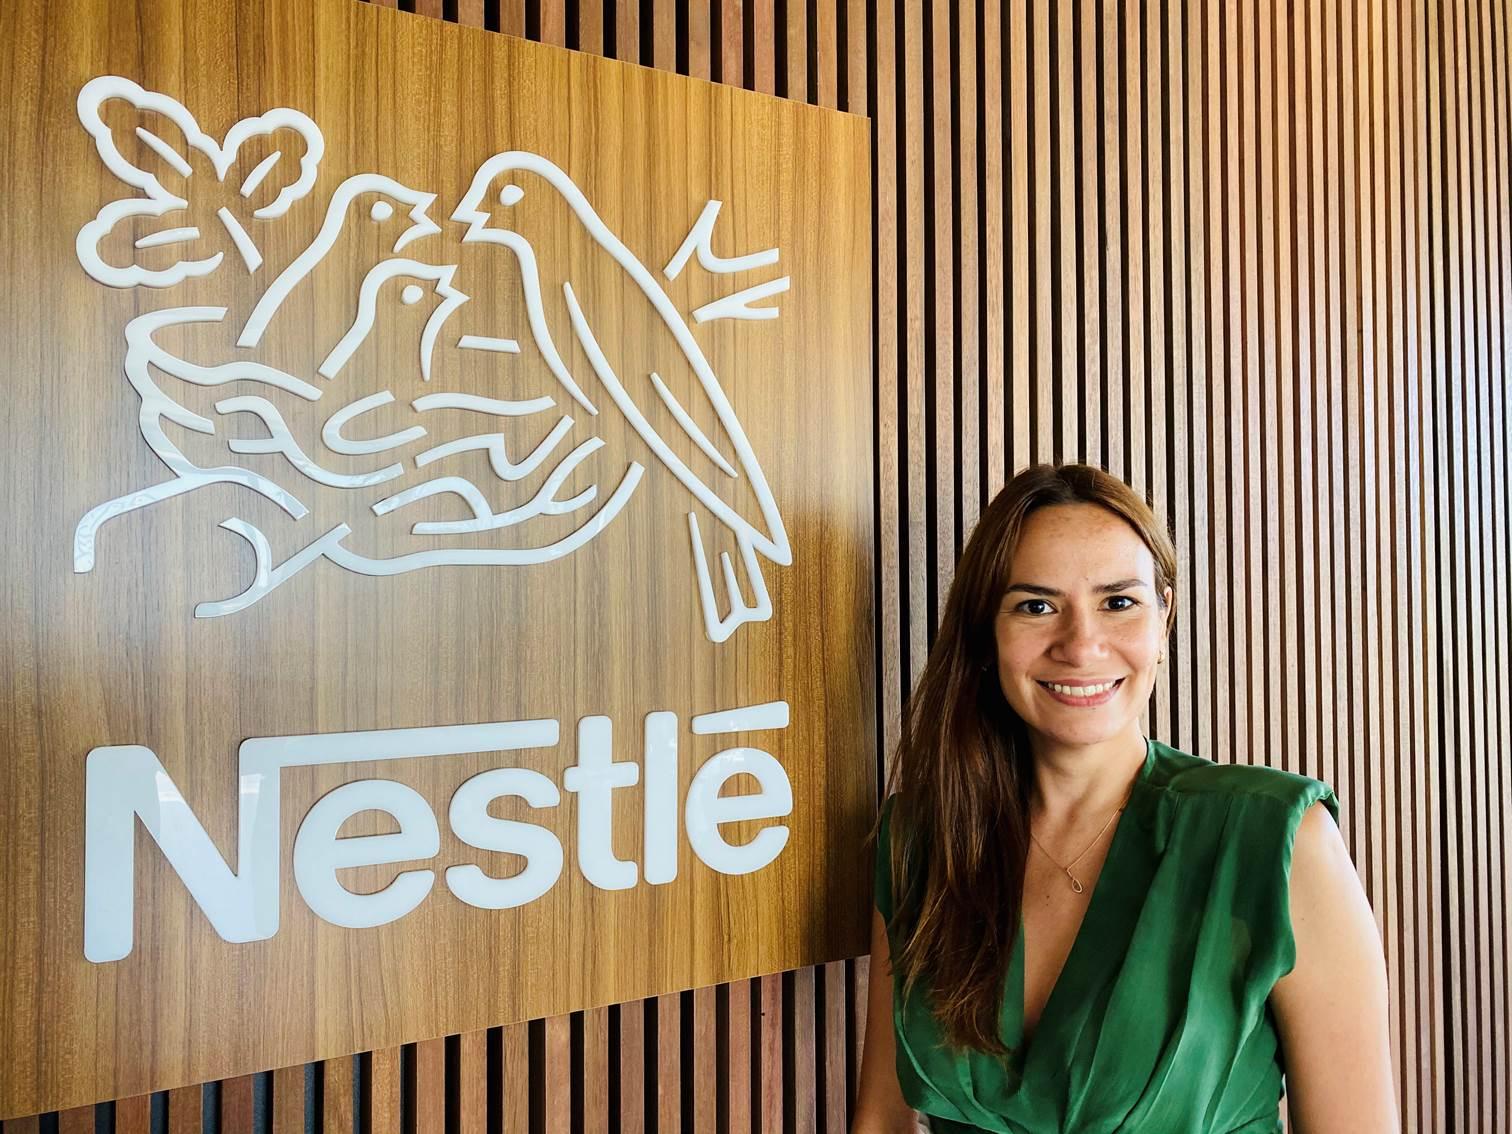 COVID-19: Nestlé apoya la vacunación equitativa a través de COVAX